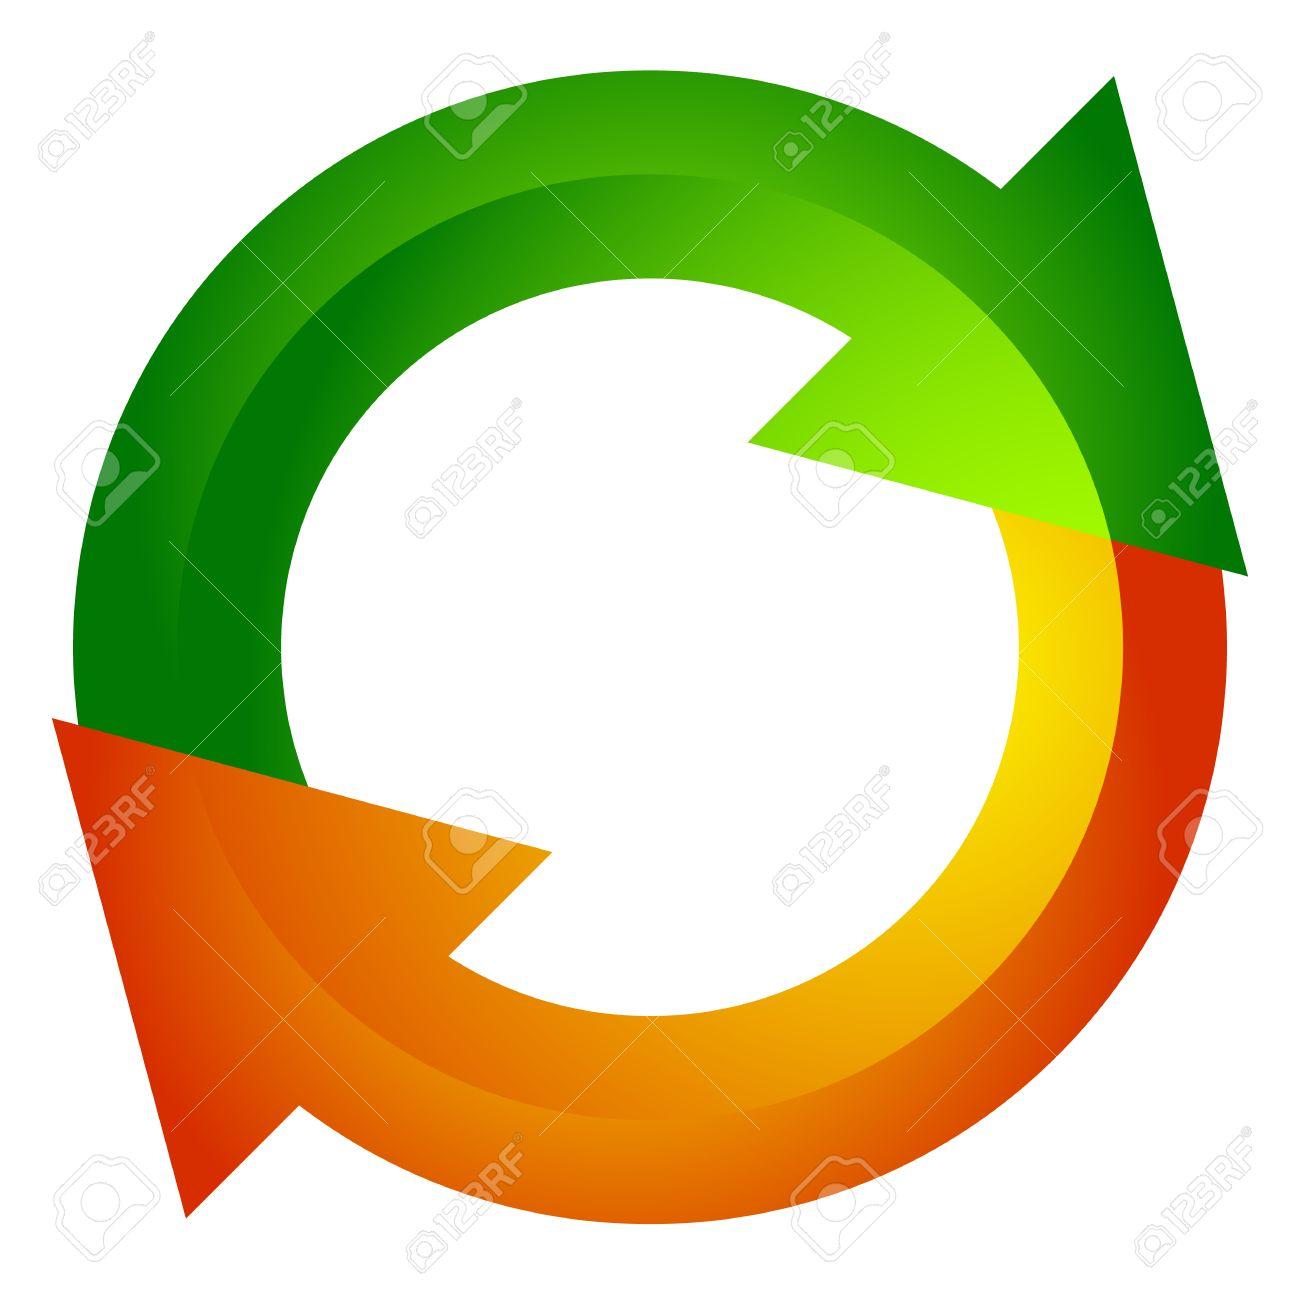 circular arrow circle arrow icon rotation restart twist rh 123rf com rounded arrow vector arrow circle vector photoshop